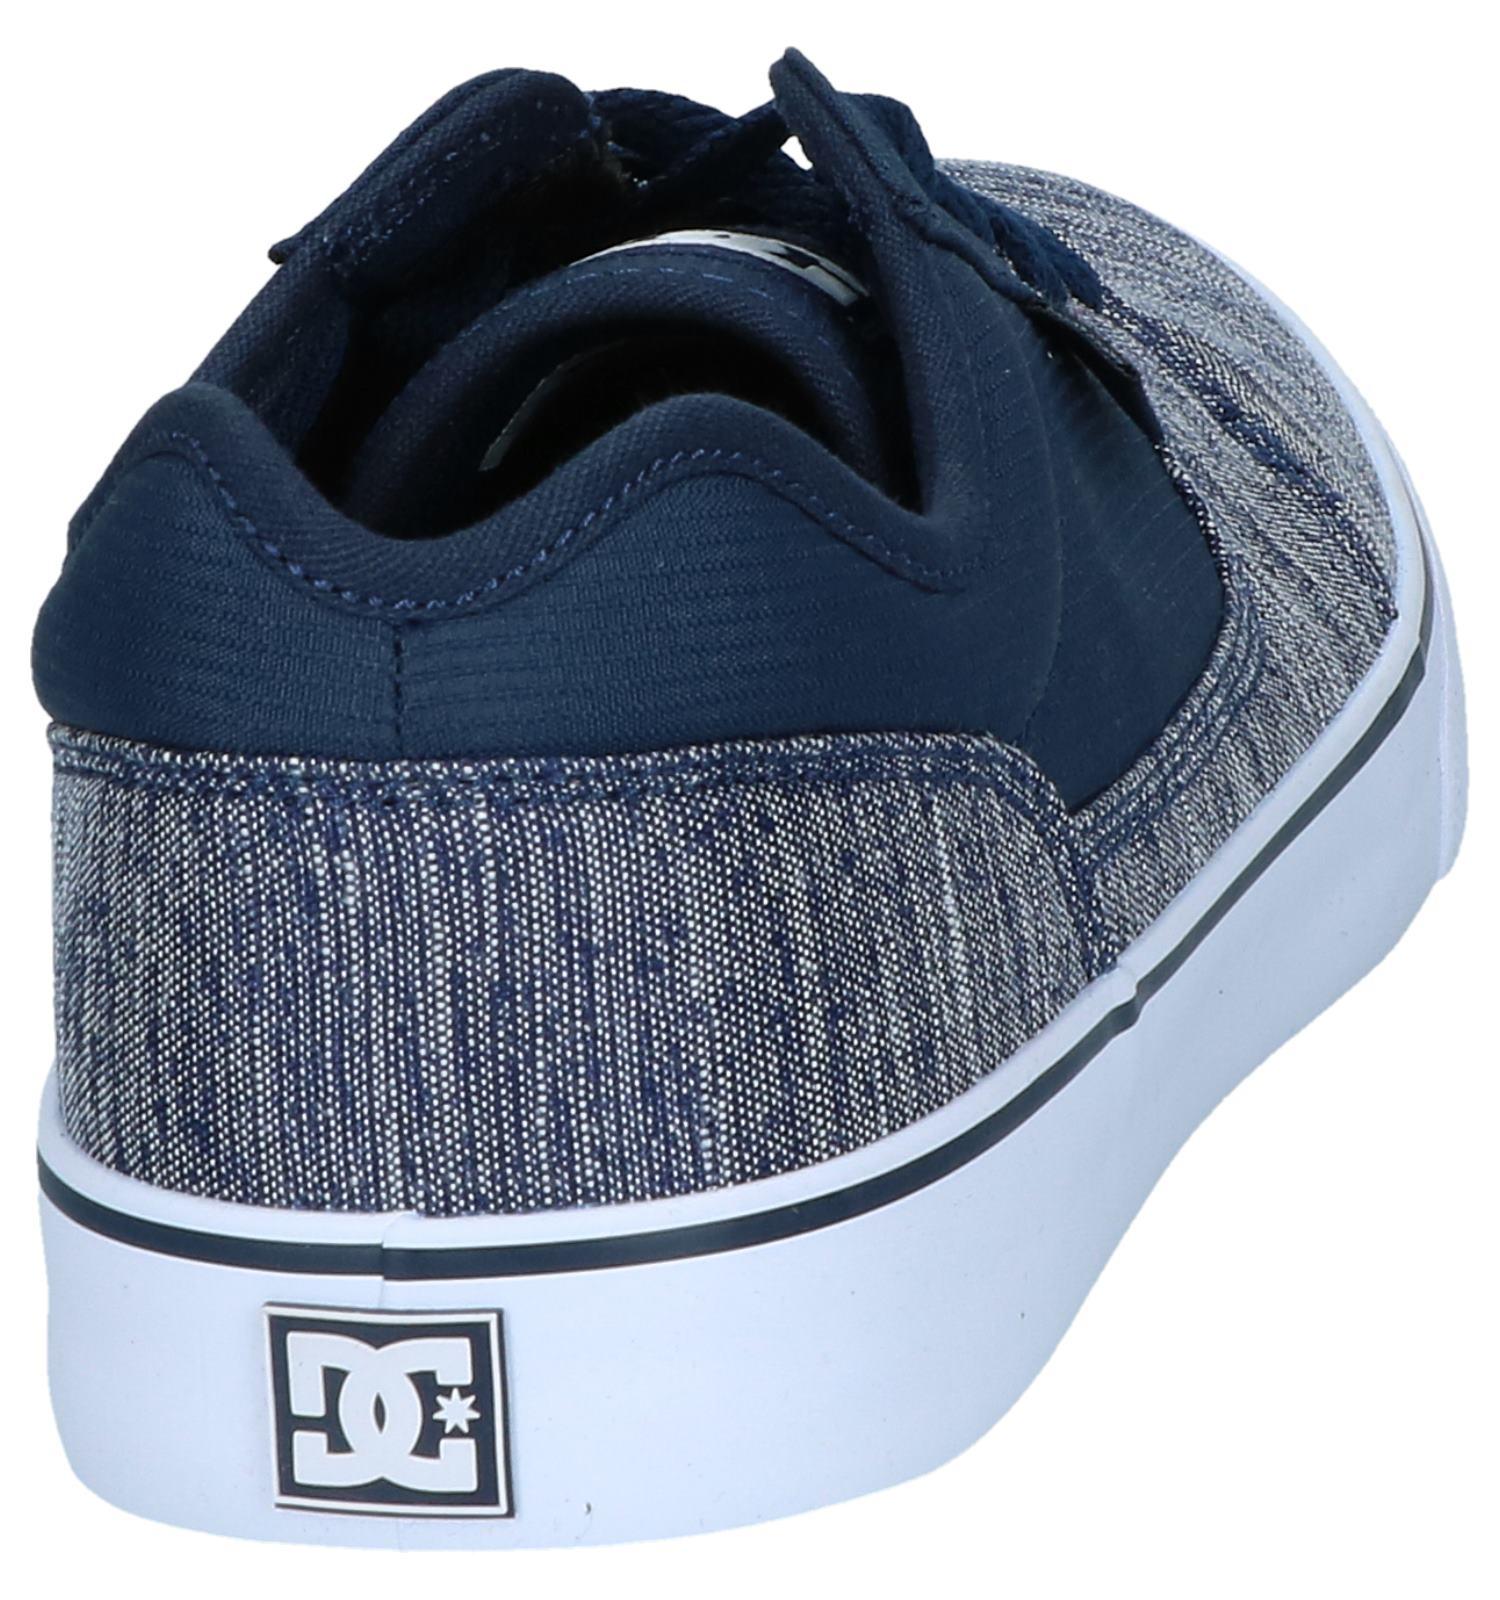 Se Dc Tx Shoes Sneakers Donkerblauwe Tonik Skate jpVLzqSUGM